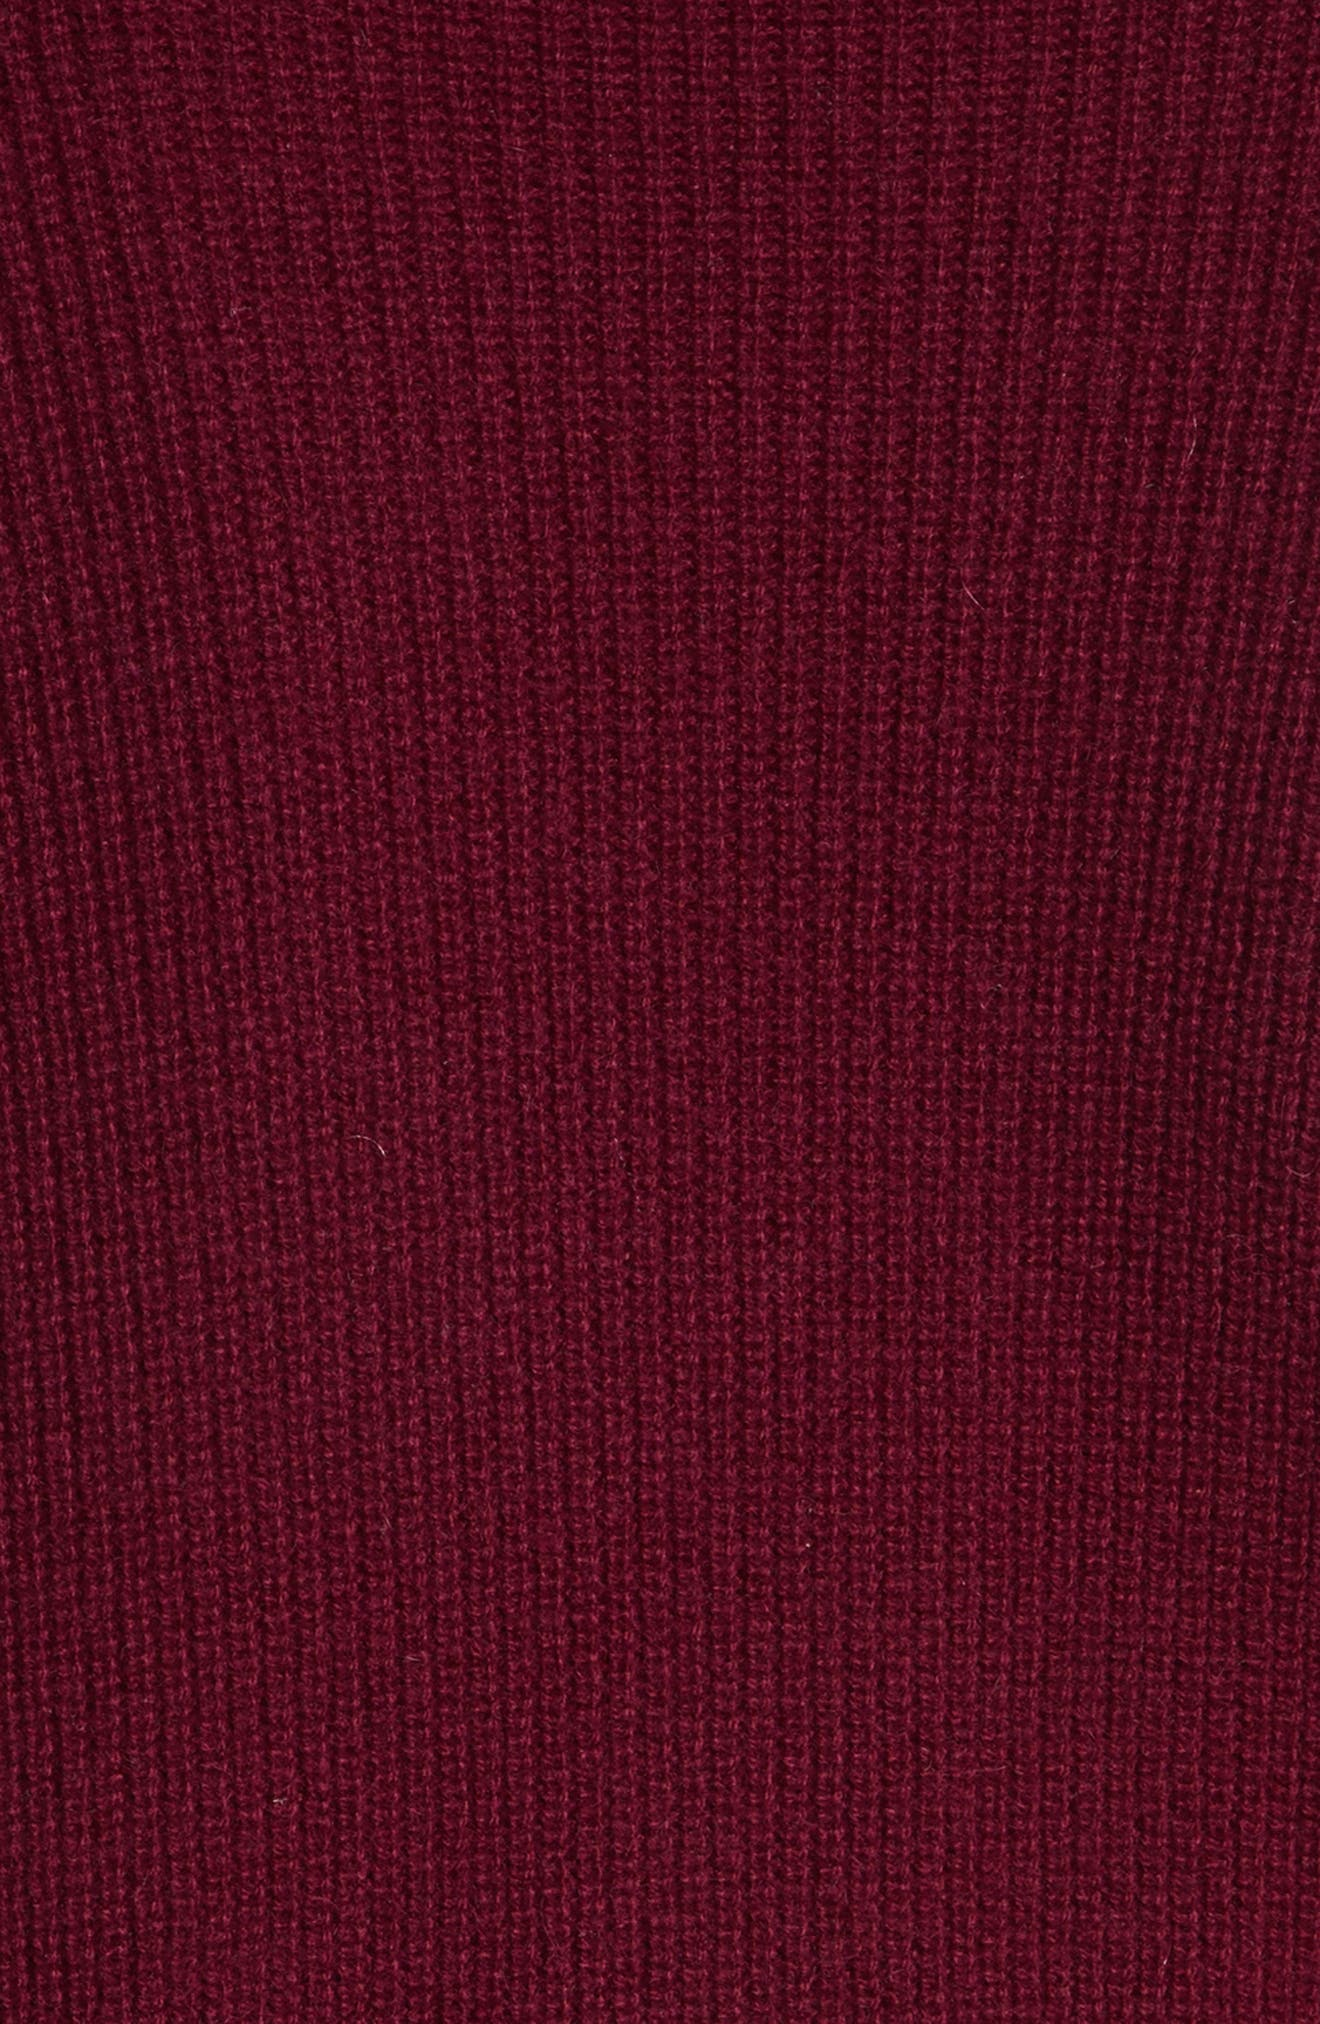 Cold Shoulder Cashmere Pullover,                             Alternate thumbnail 5, color,                             Burgundy